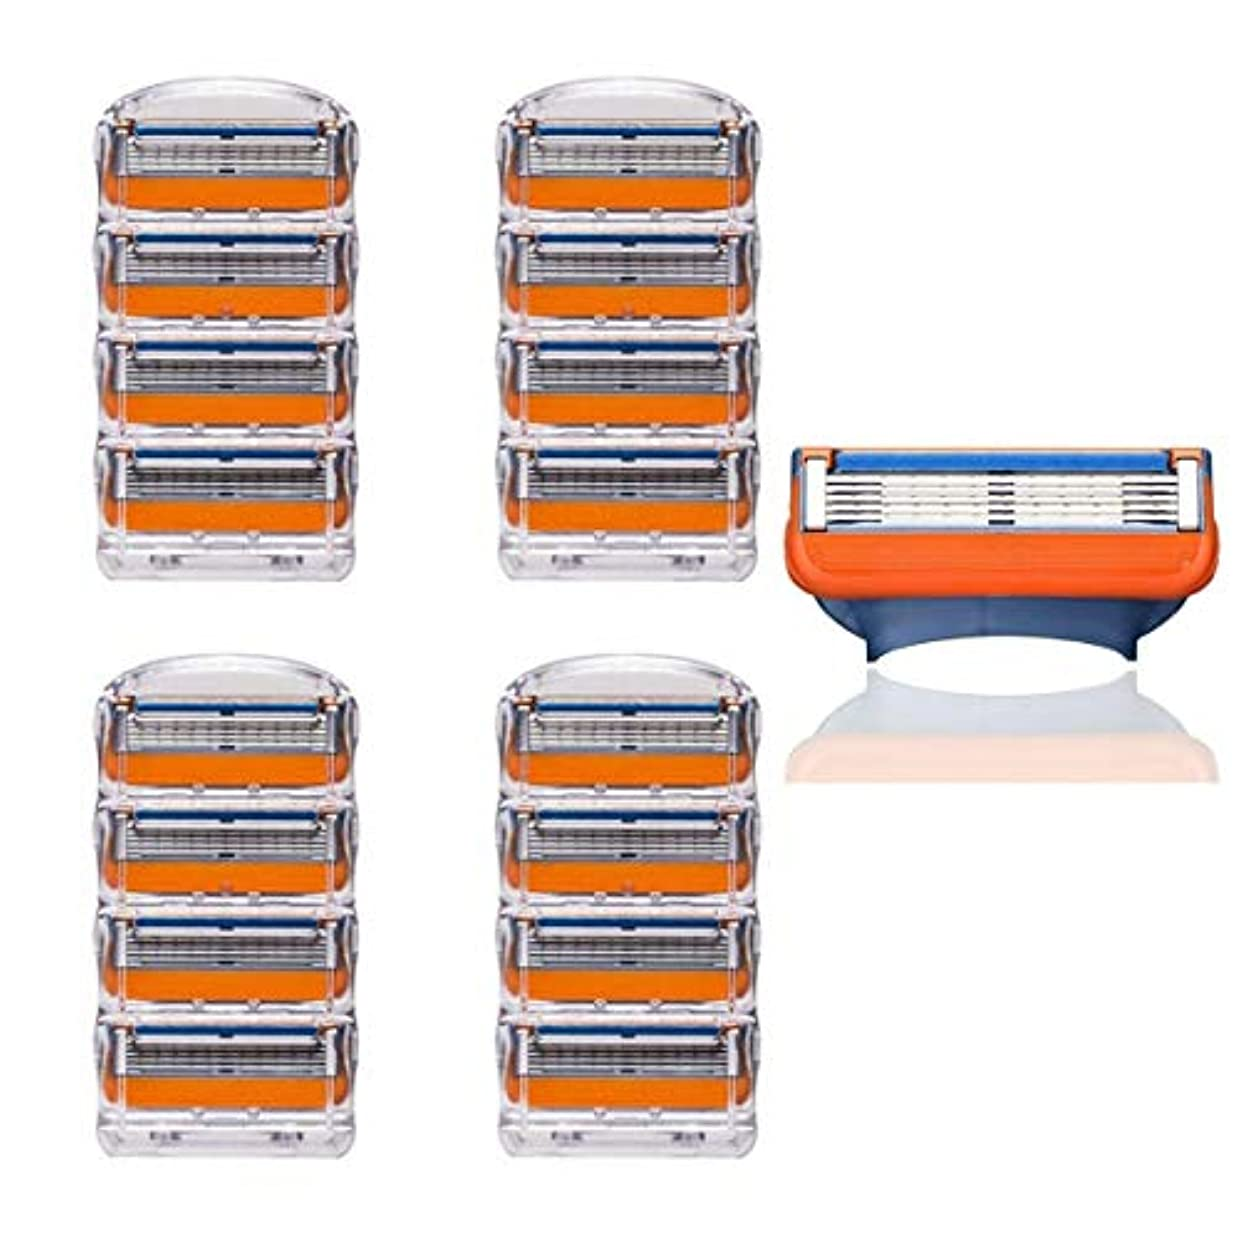 クラシック衝撃エンドテーブルAJACK 16個 シェーバーヘッド 交換用 5層ブレード ジレットかみそりに適用